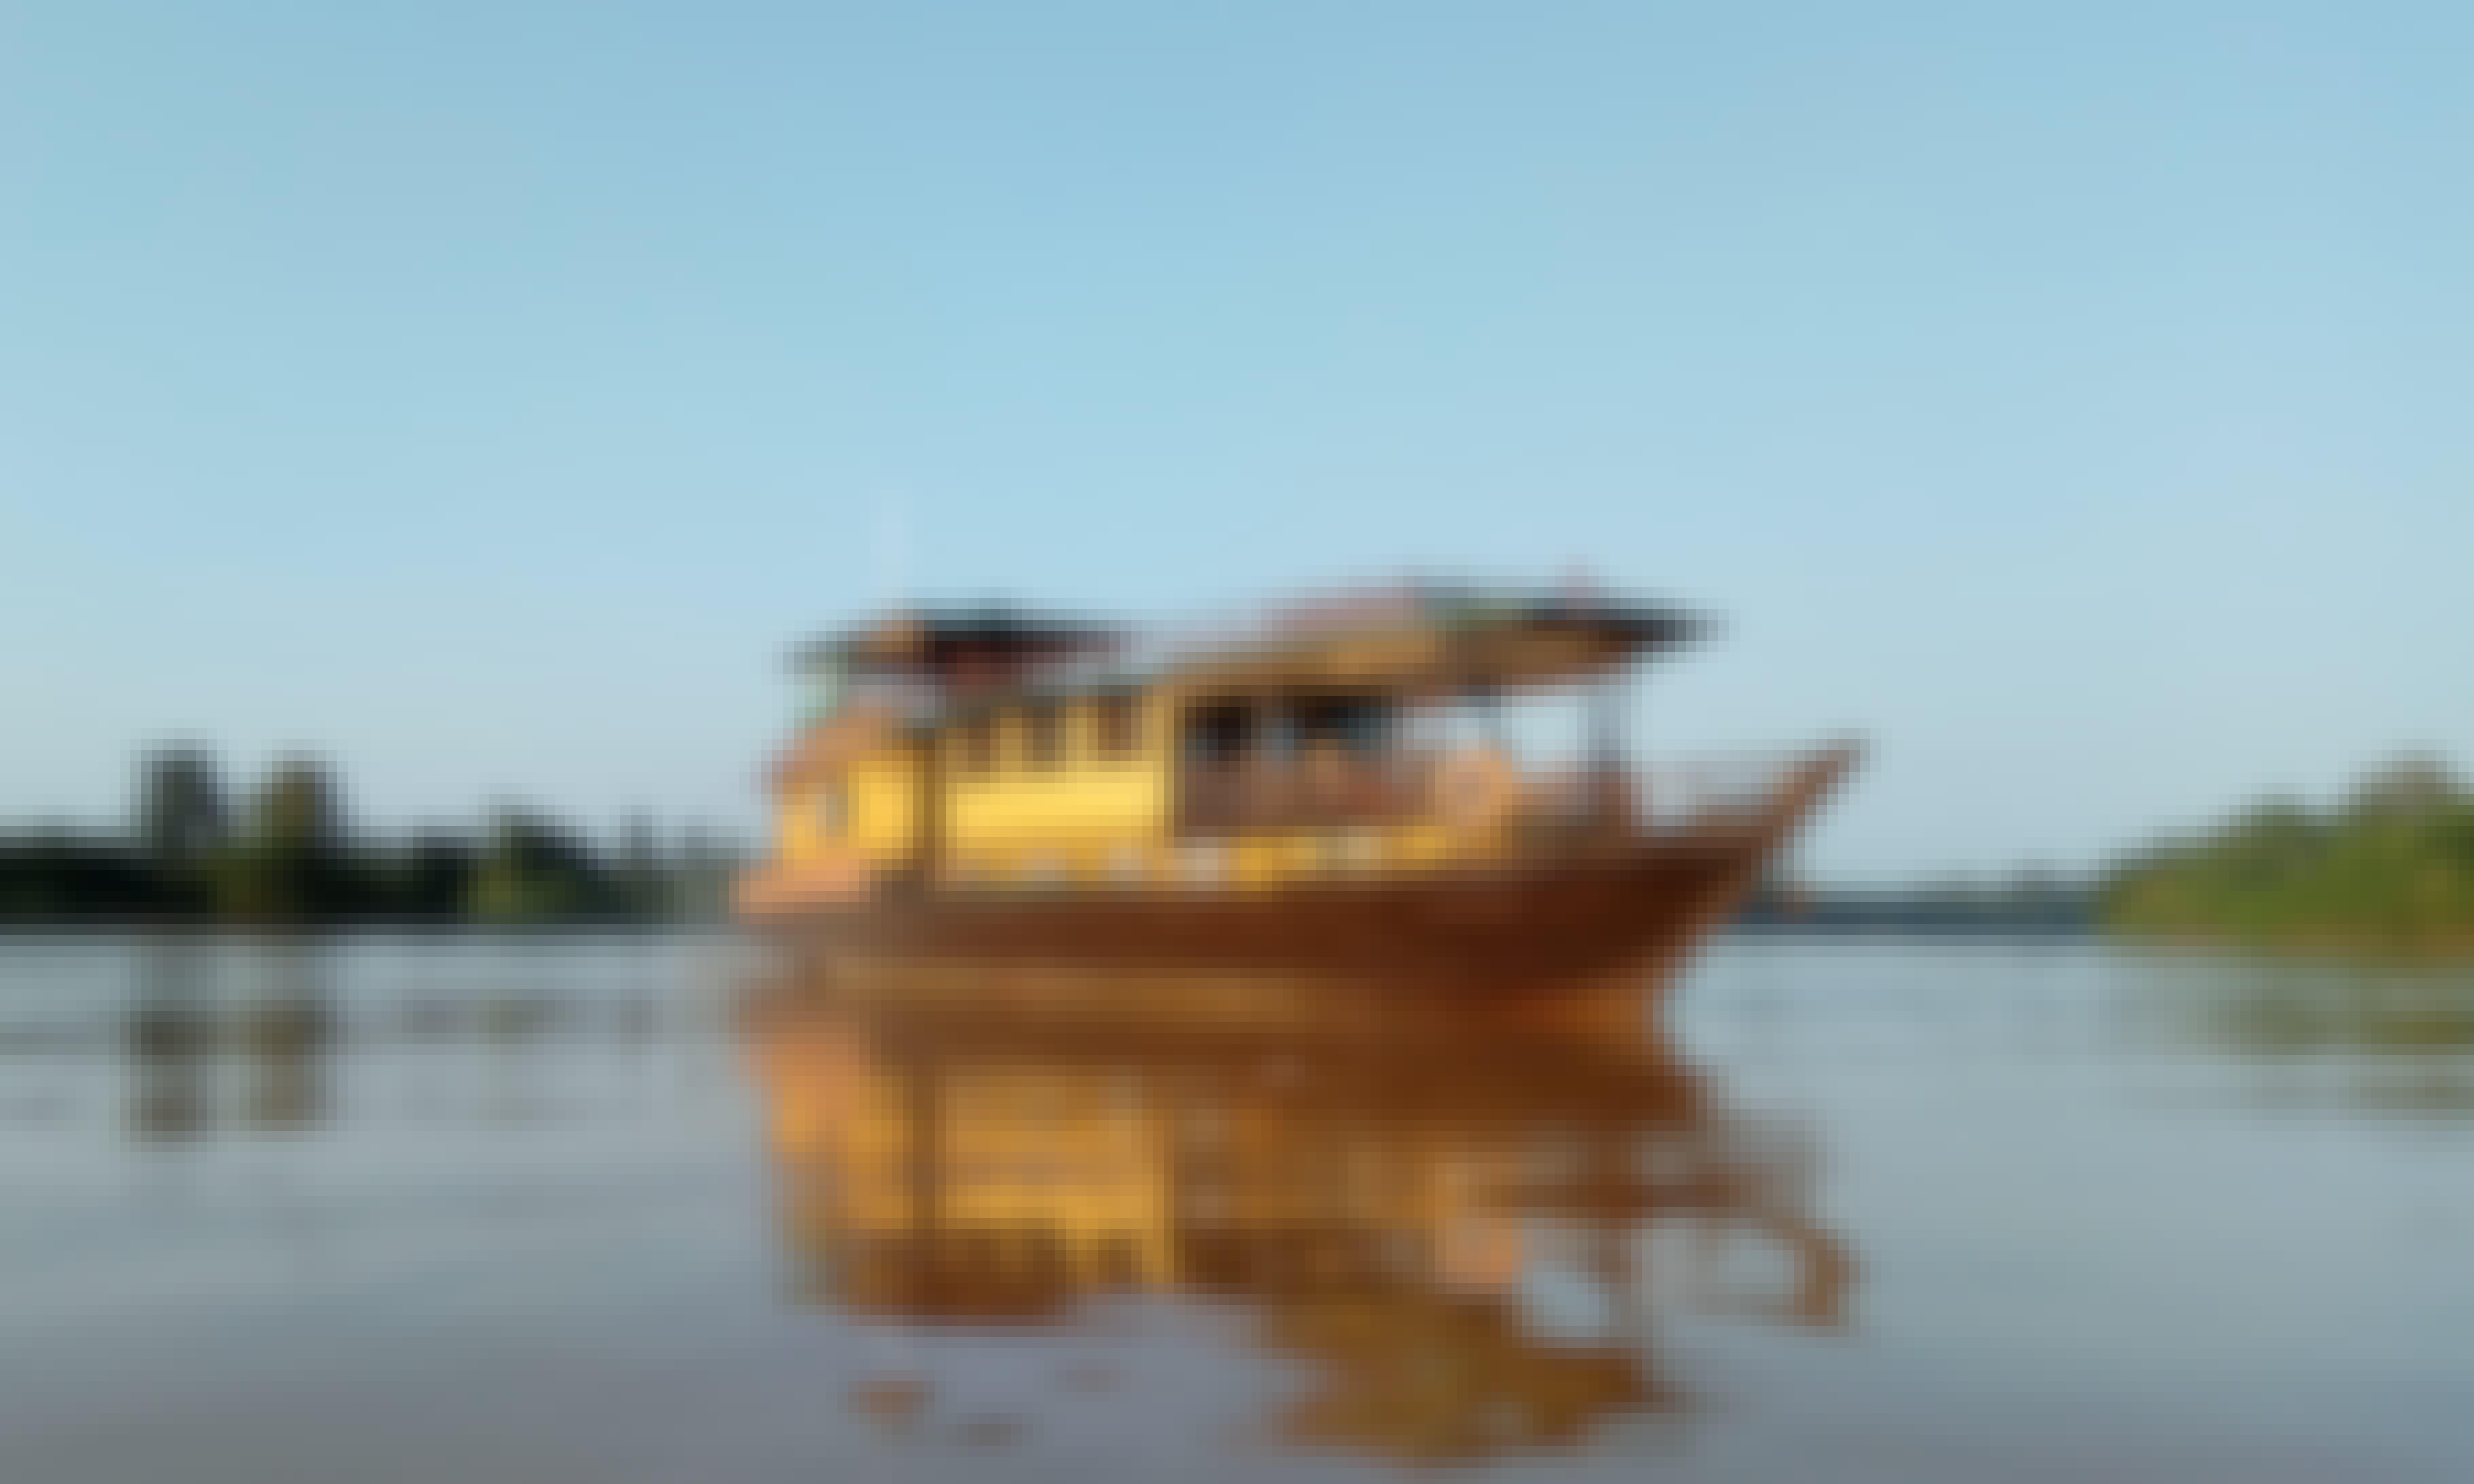 Spirit of Kalimantan (Houseboat)